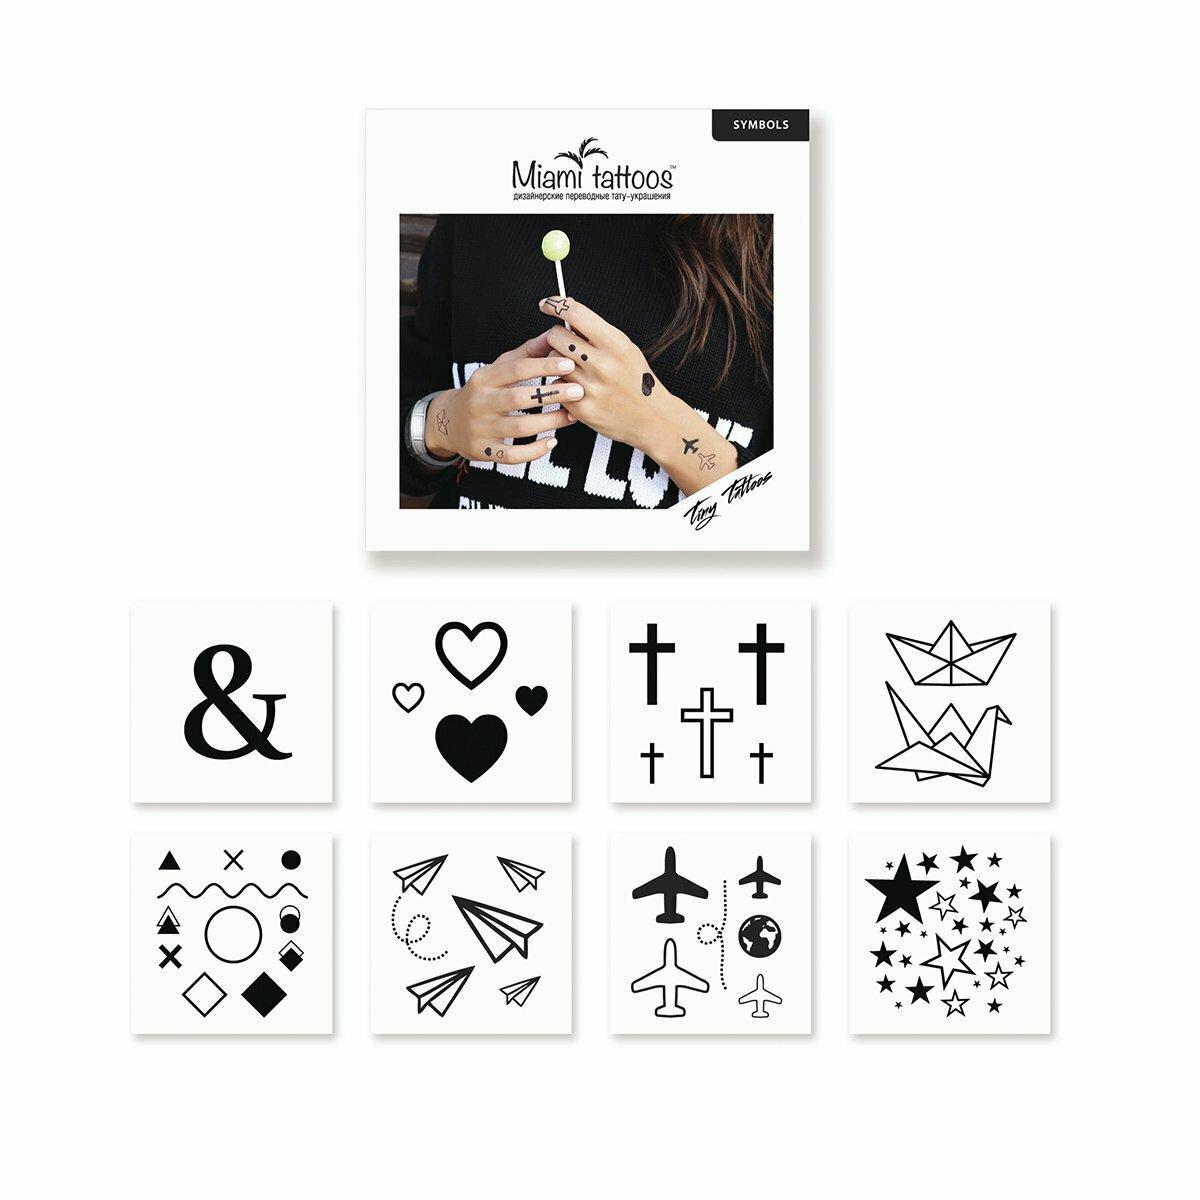 Miami Tattoos Symbols Комплект переводных тату